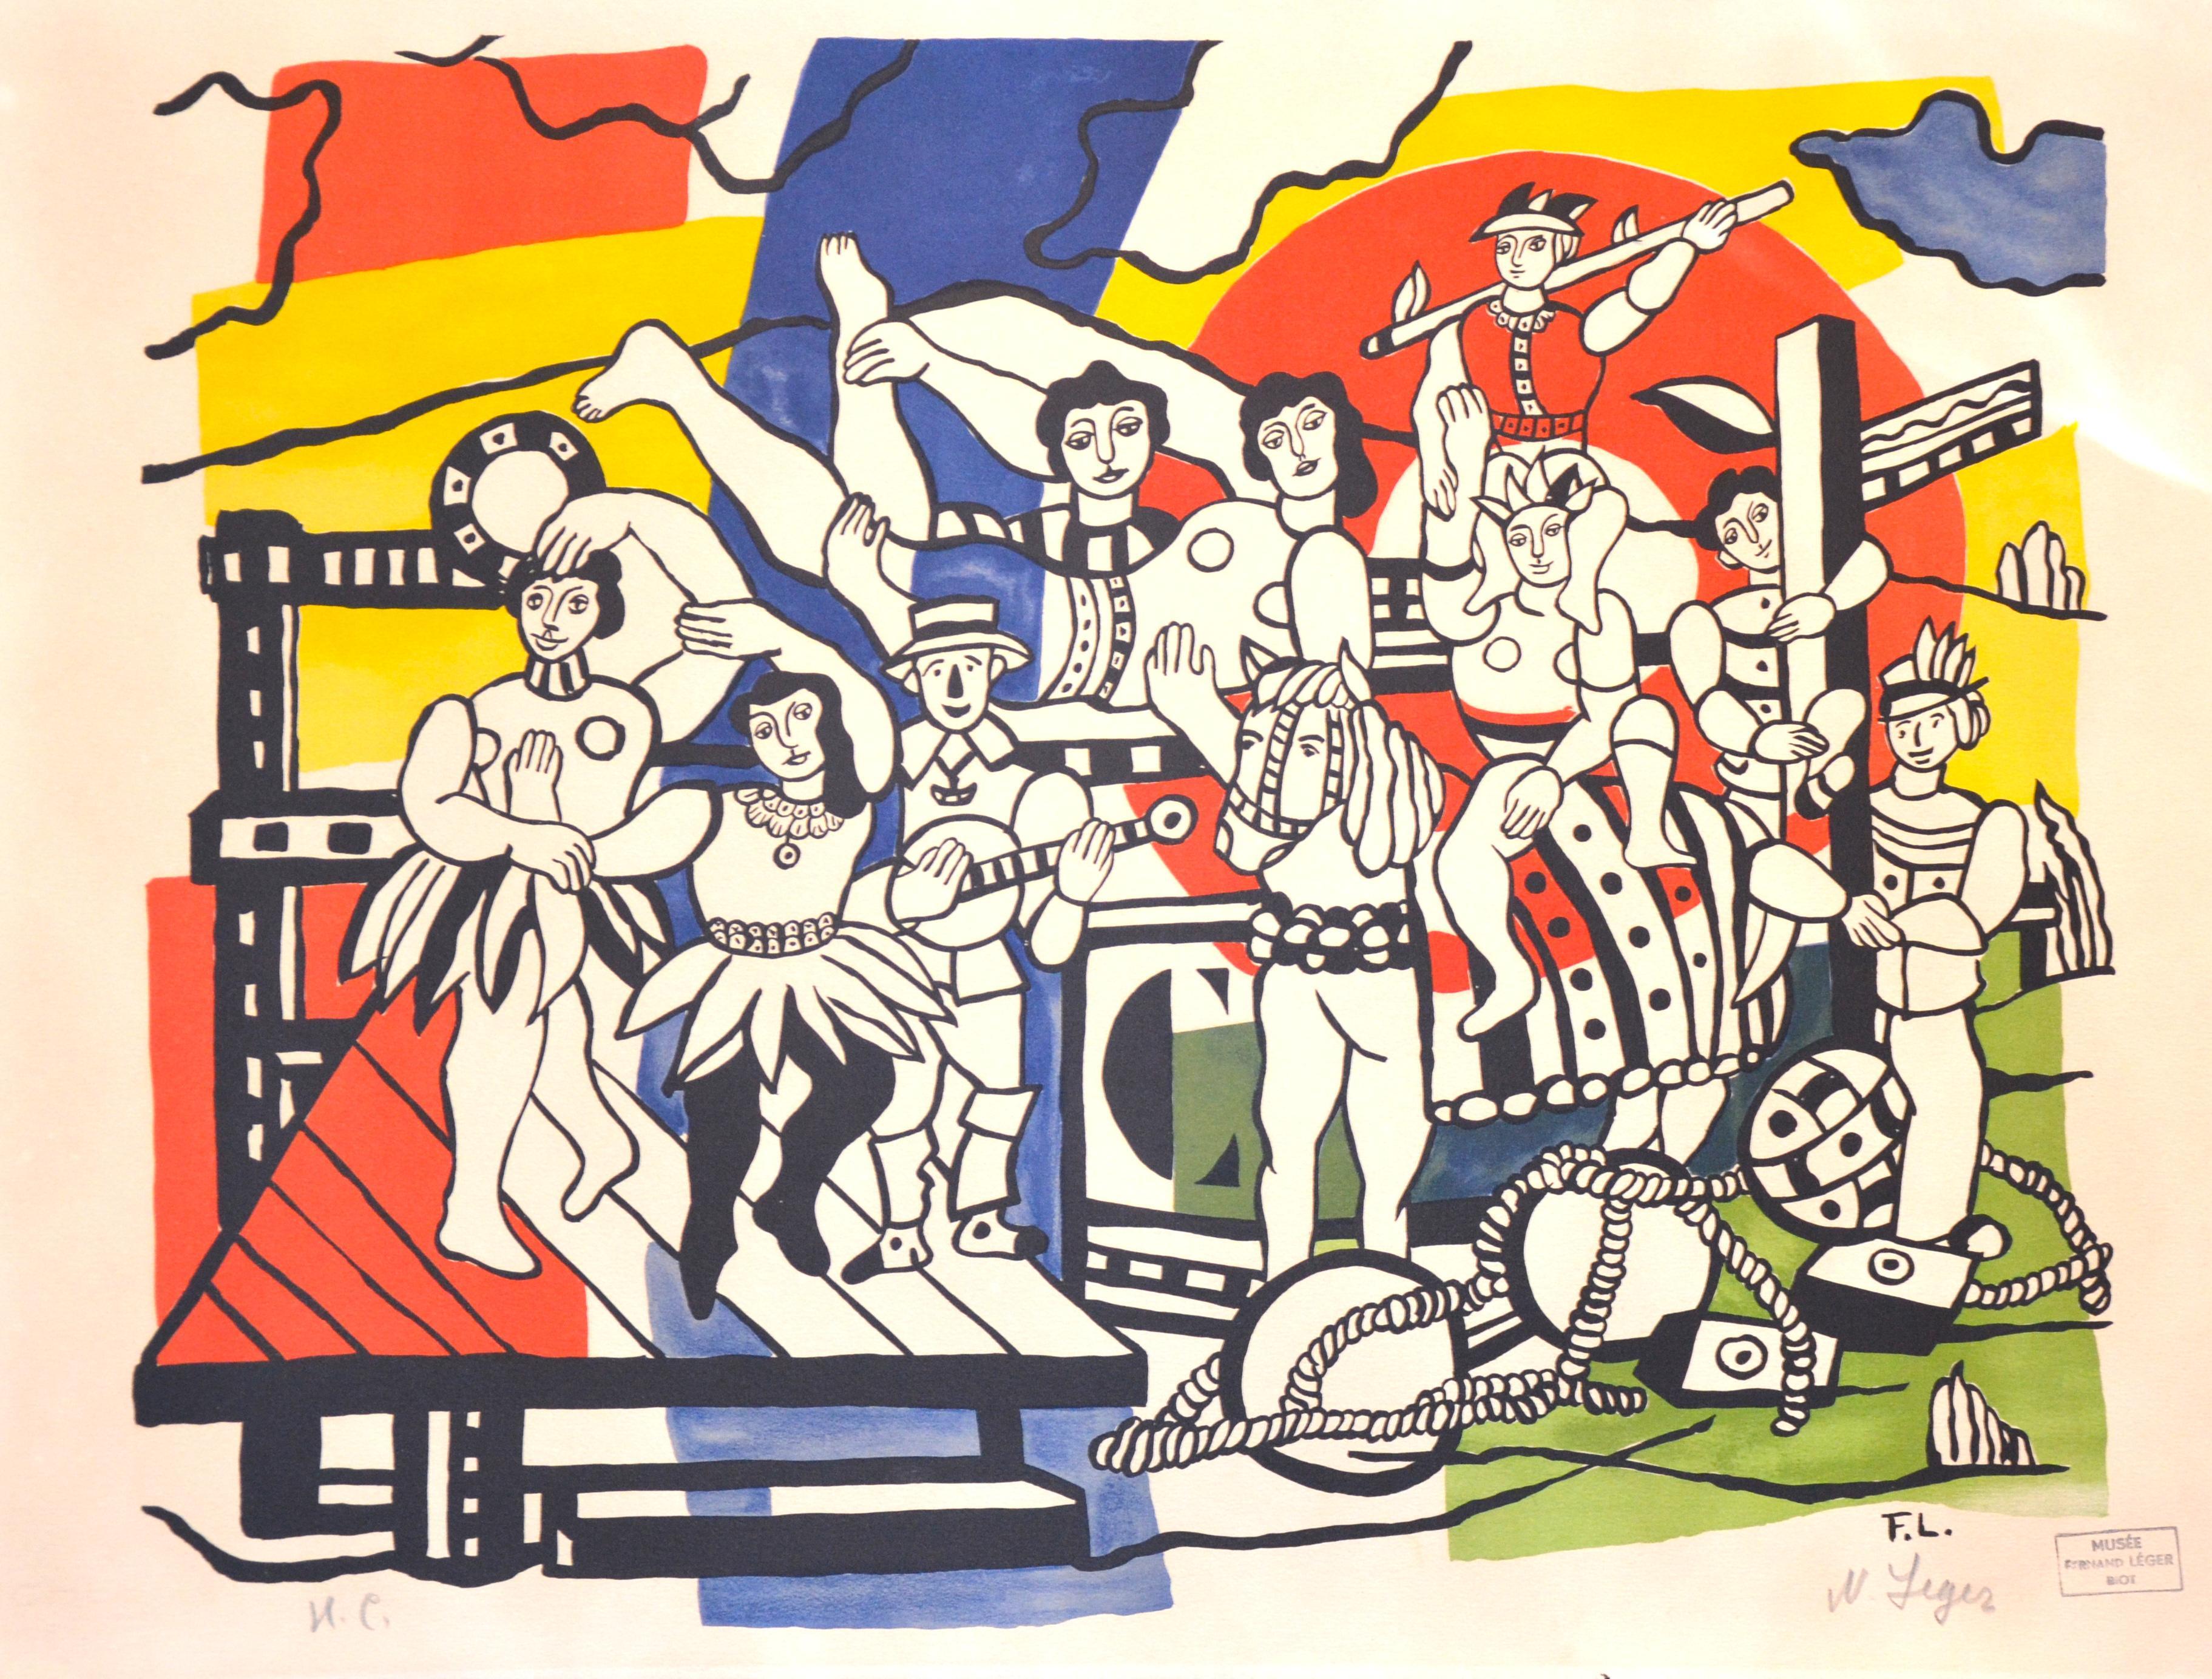 La Grande Parade - Original Lithograph by F. Léger - 1960s